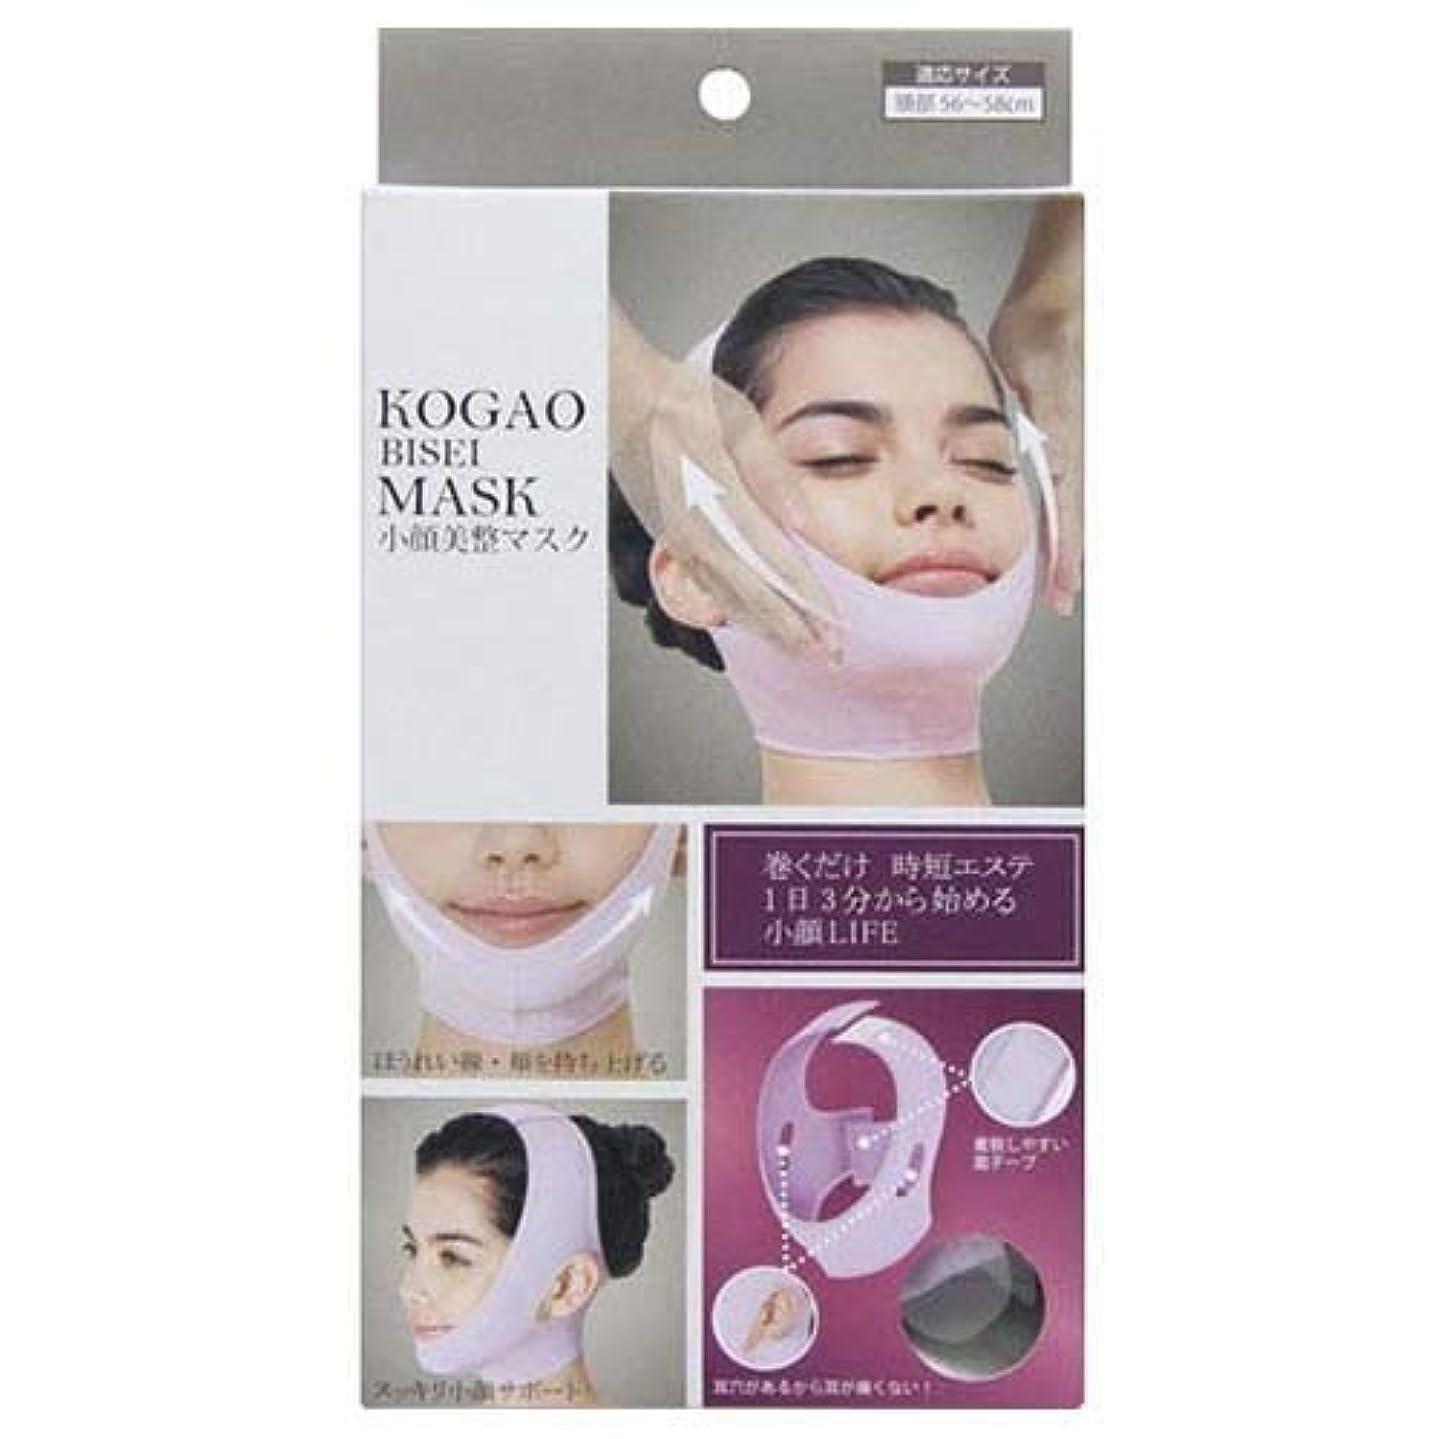 削除する軽食阻害するグローバル?ジャパン 小顔美整マスク ふつう ラベンダー 1個